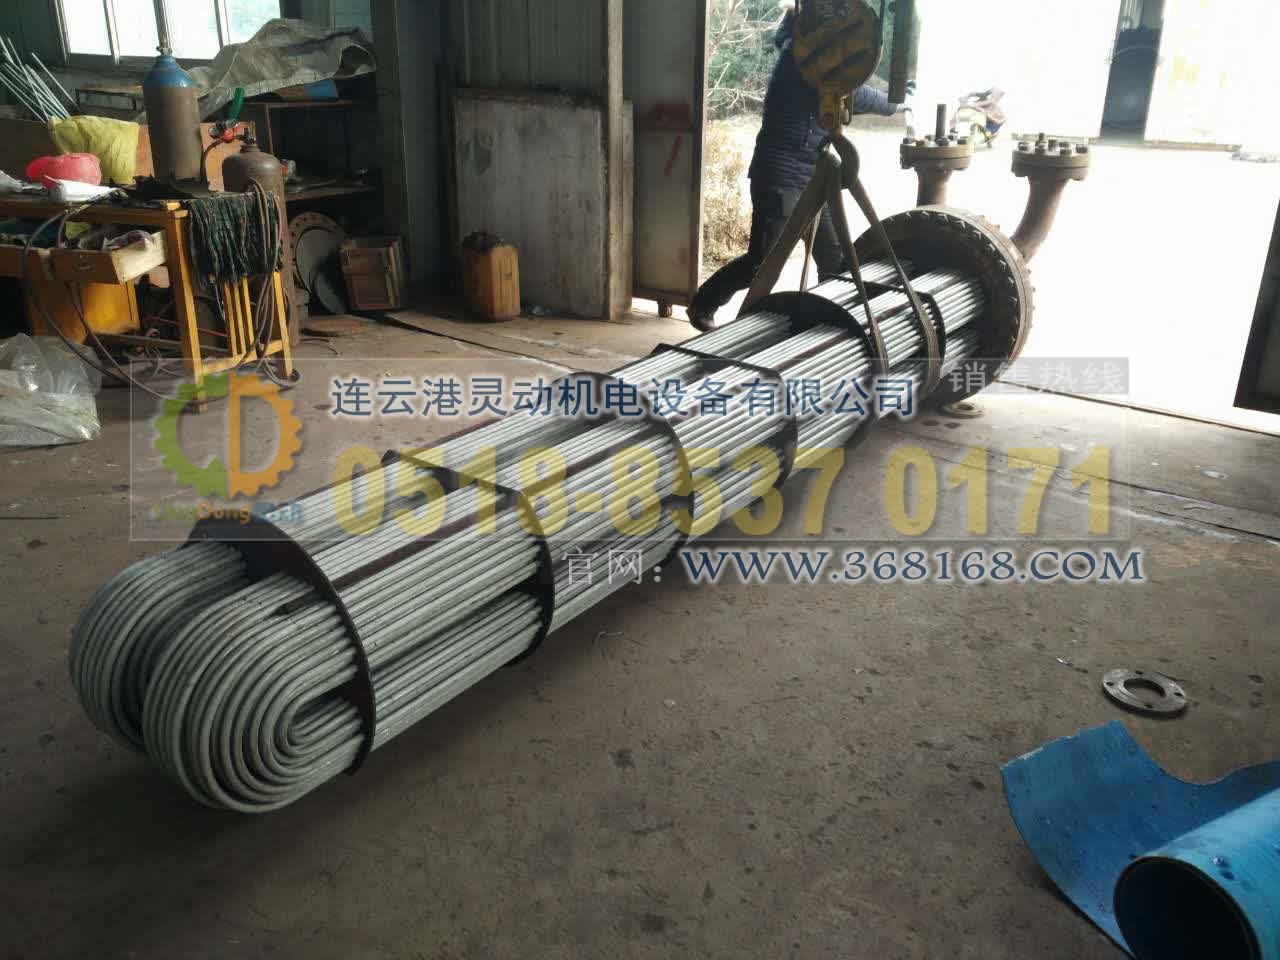 高压加热器高压不锈钢U型管换管改造